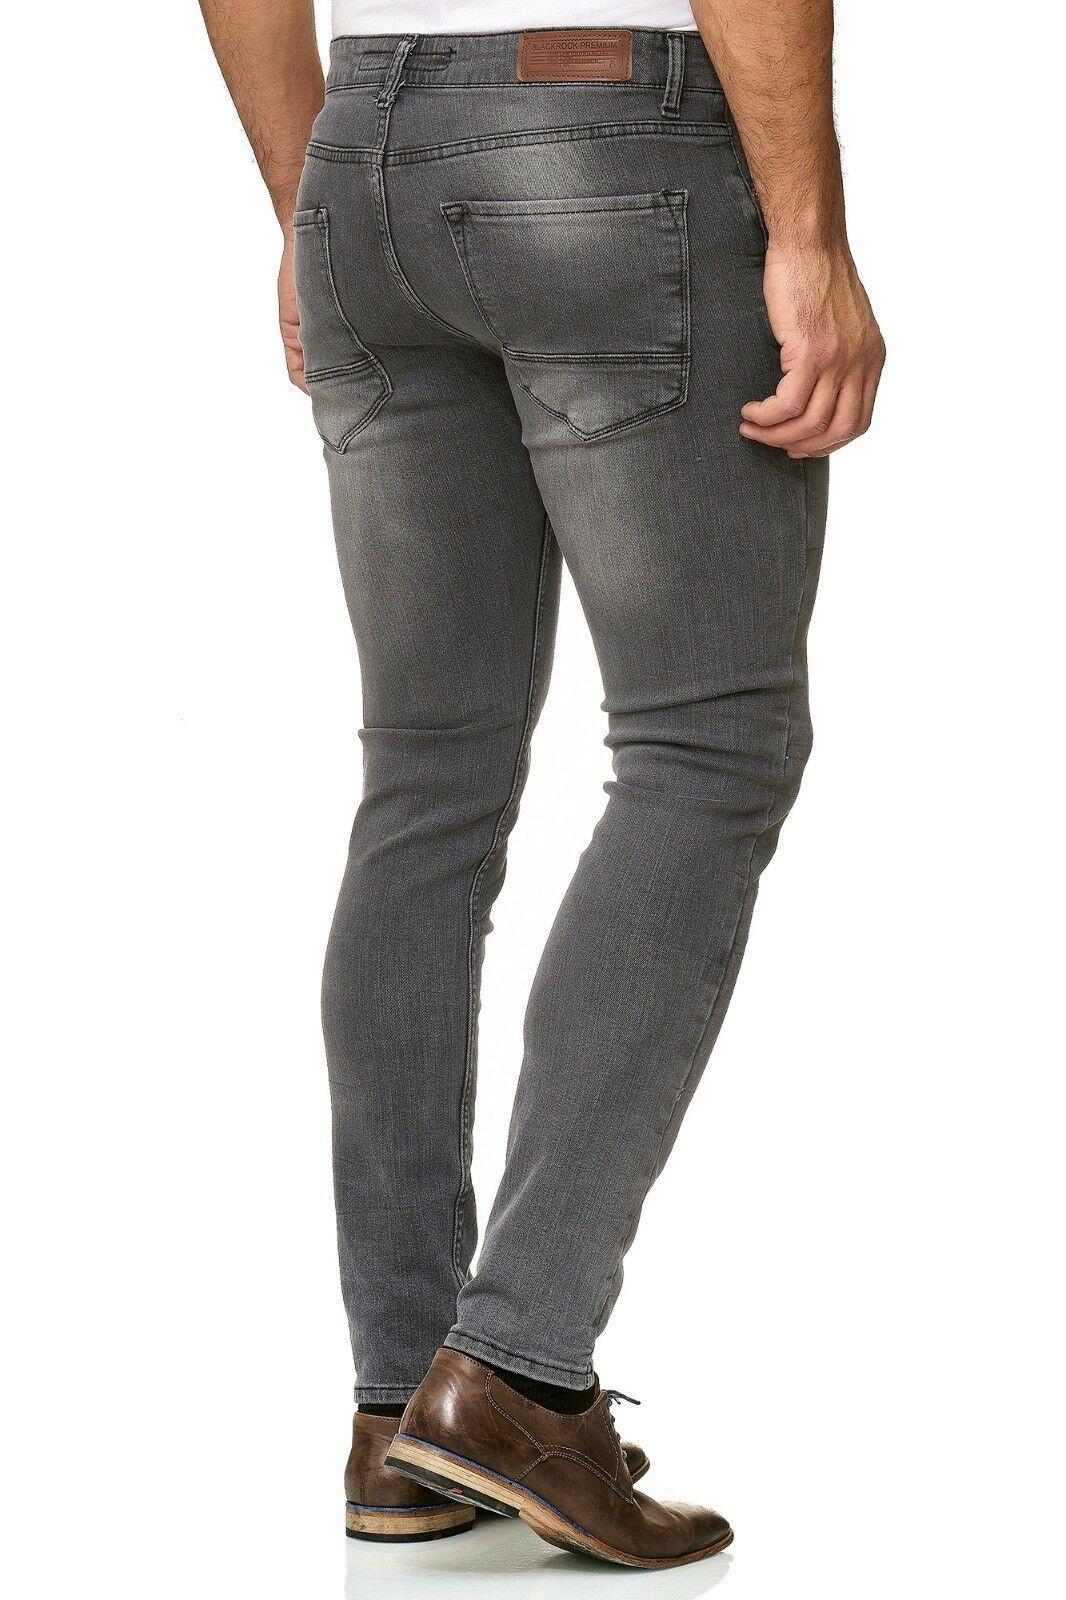 Herren-Jeanshosen-Stretch-Hose-Slim-fit-SKINNY-Jeans-Blau-Schwarz-Grau-Weiss Indexbild 35